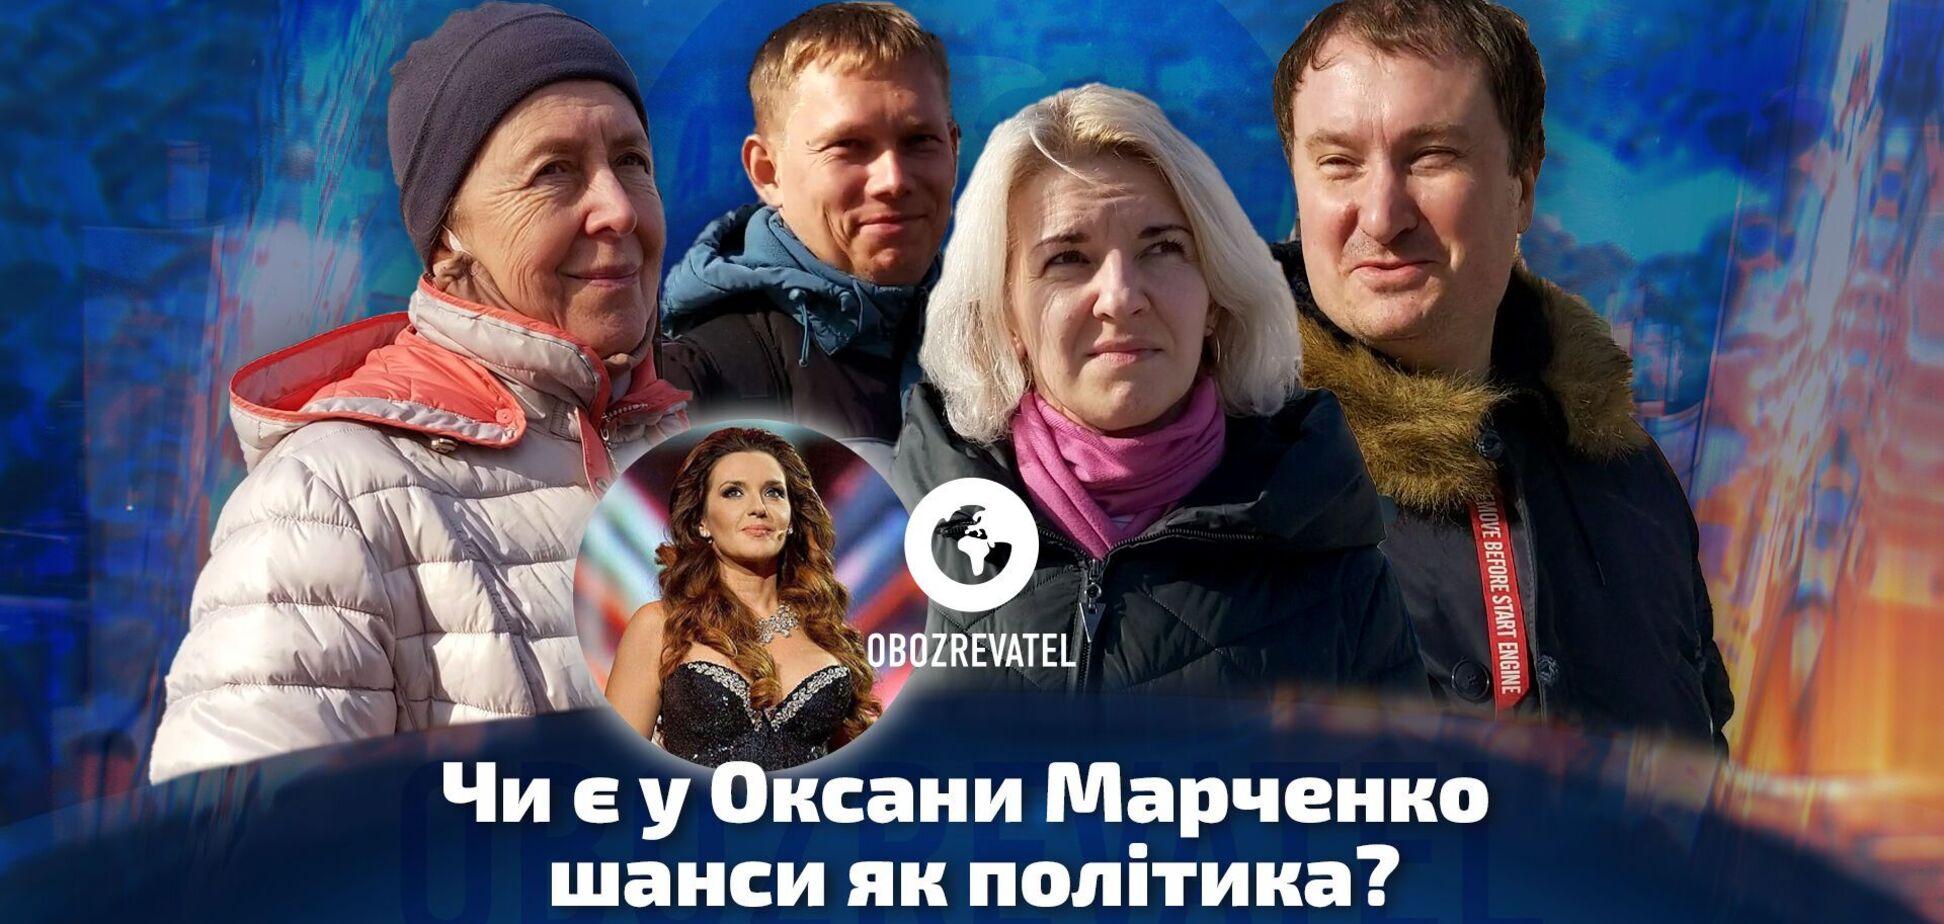 Опрос: есть ли шансы у Оксаны Марченко как политика?